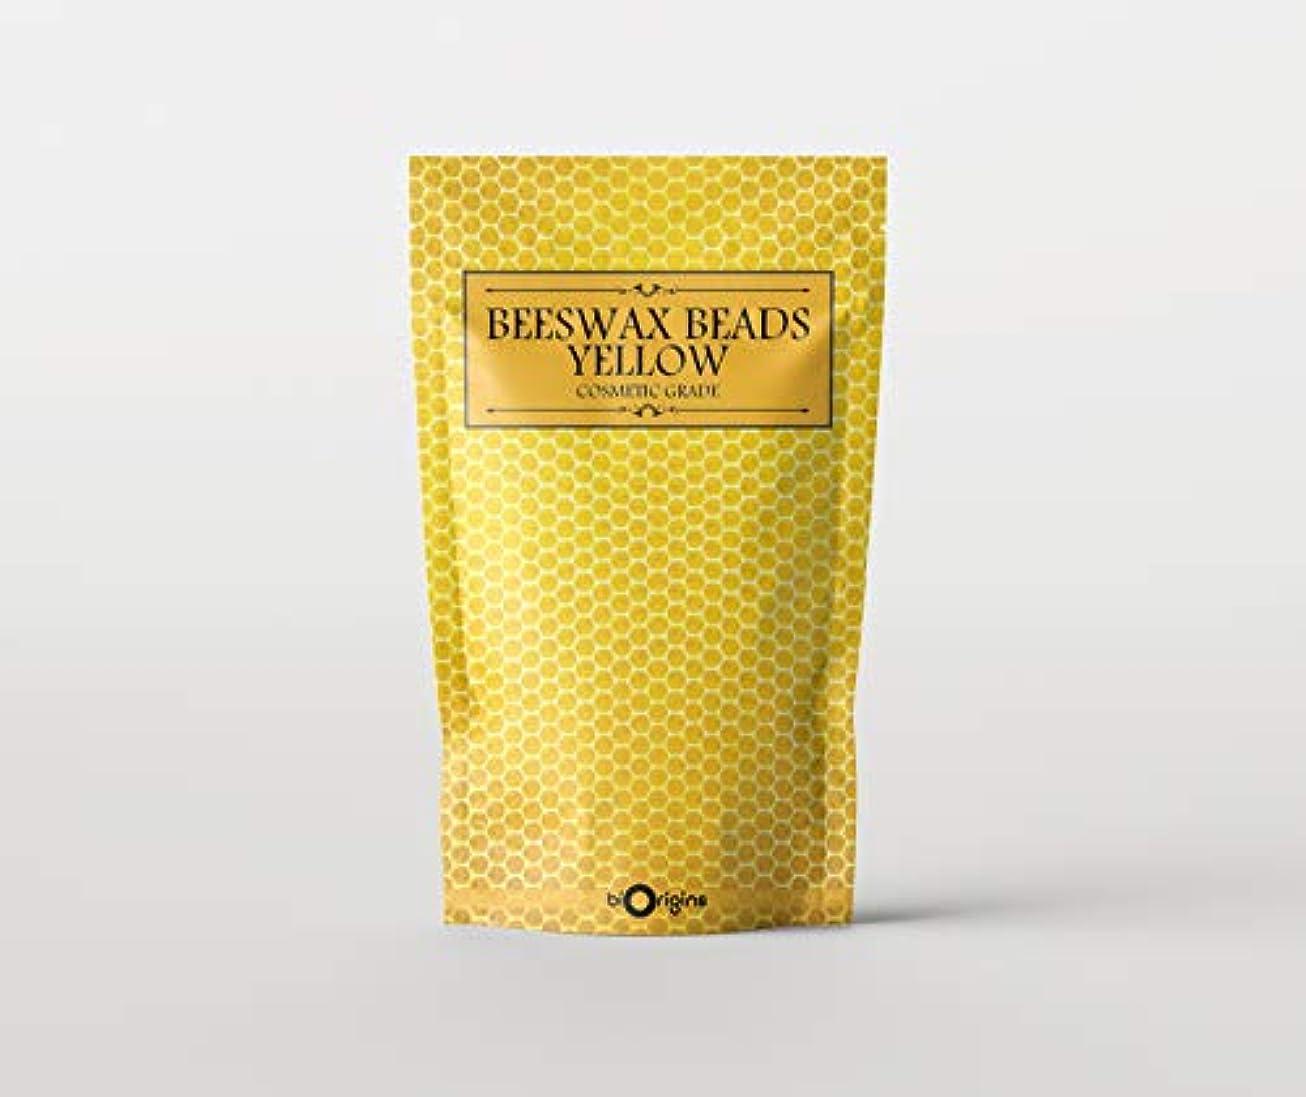 カメピッチャーお風呂Beeswax Beads Yellow - Cosmetic Grade - 500g